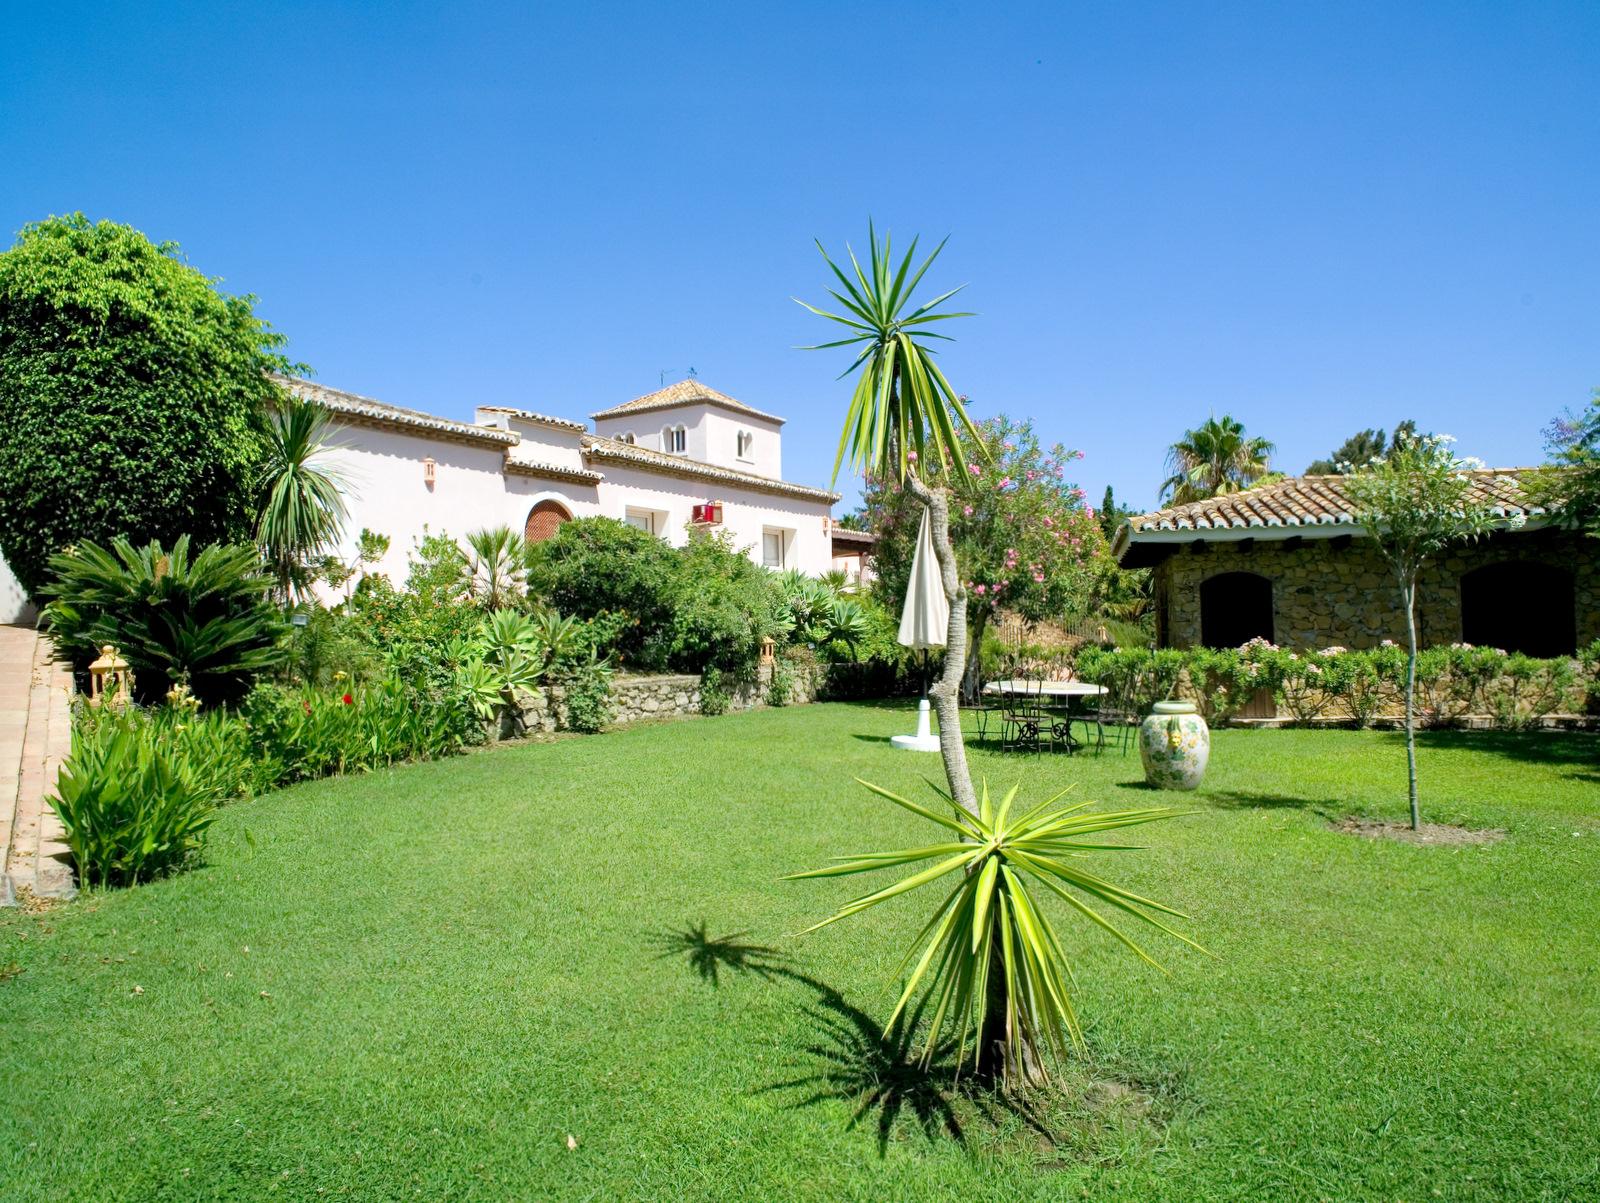 Villa en venta en Cancelada - Foto 3